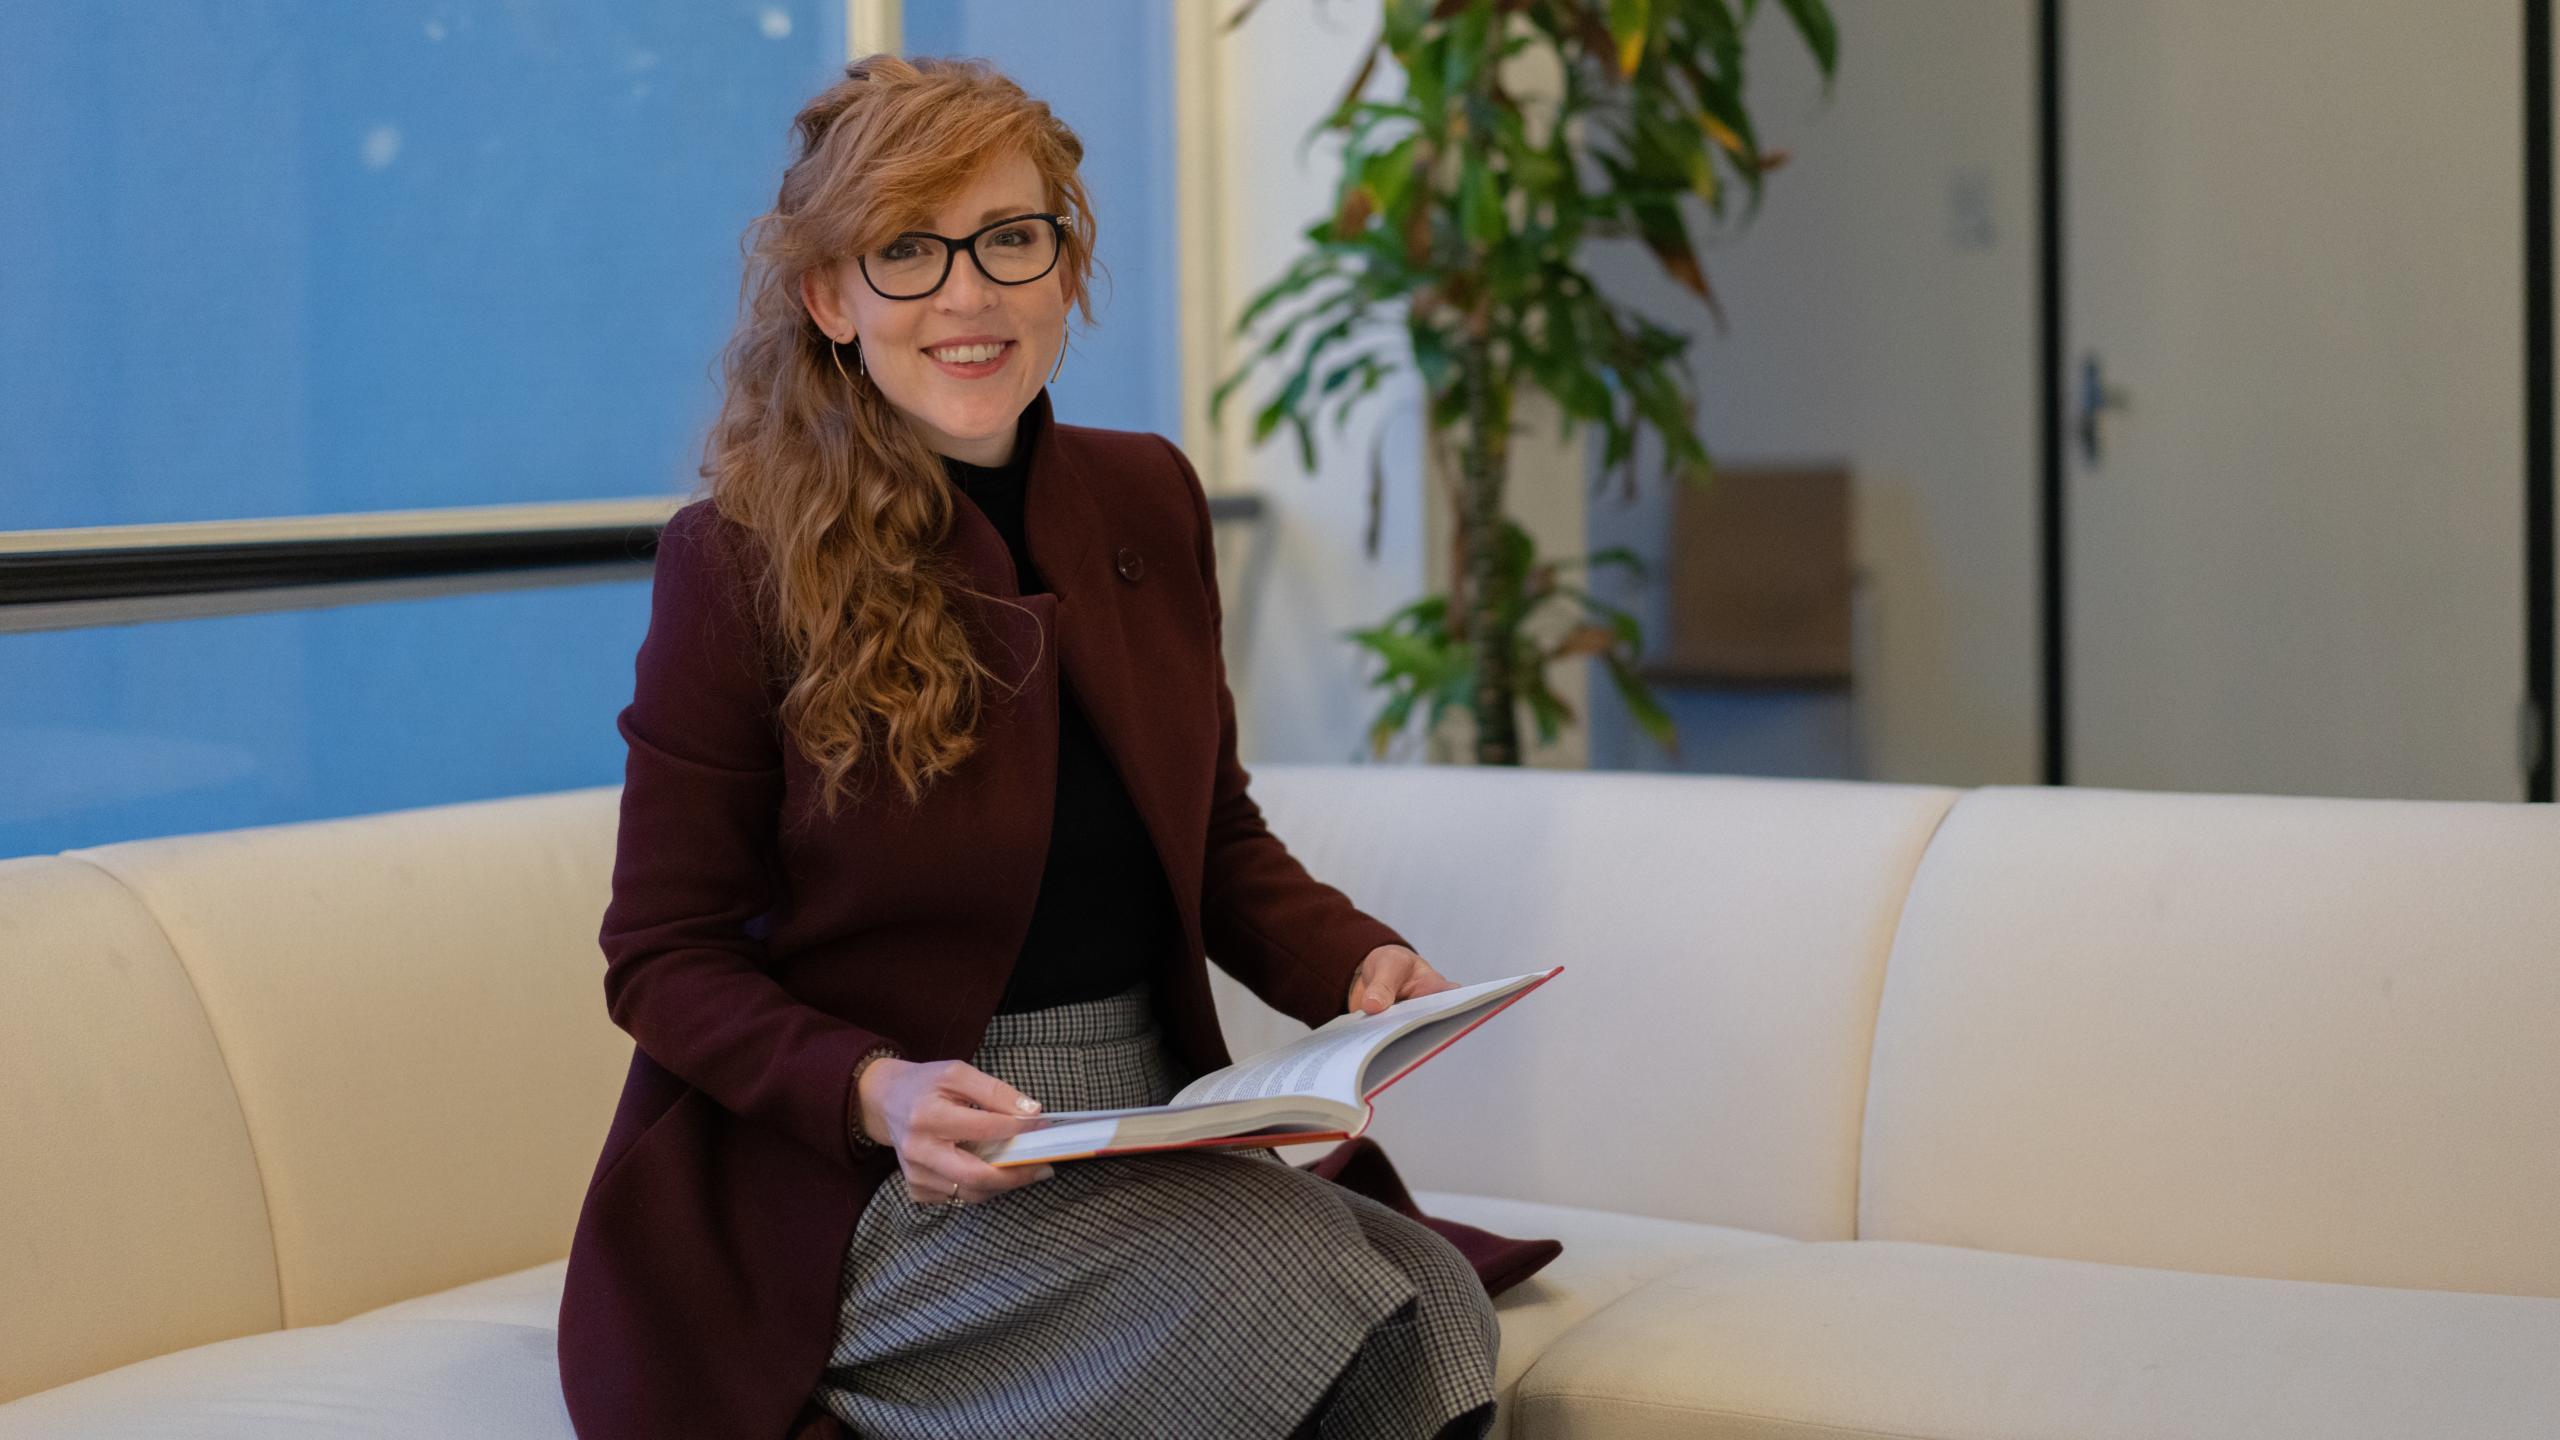 Kari Foss, Executive MBA Class of 2021